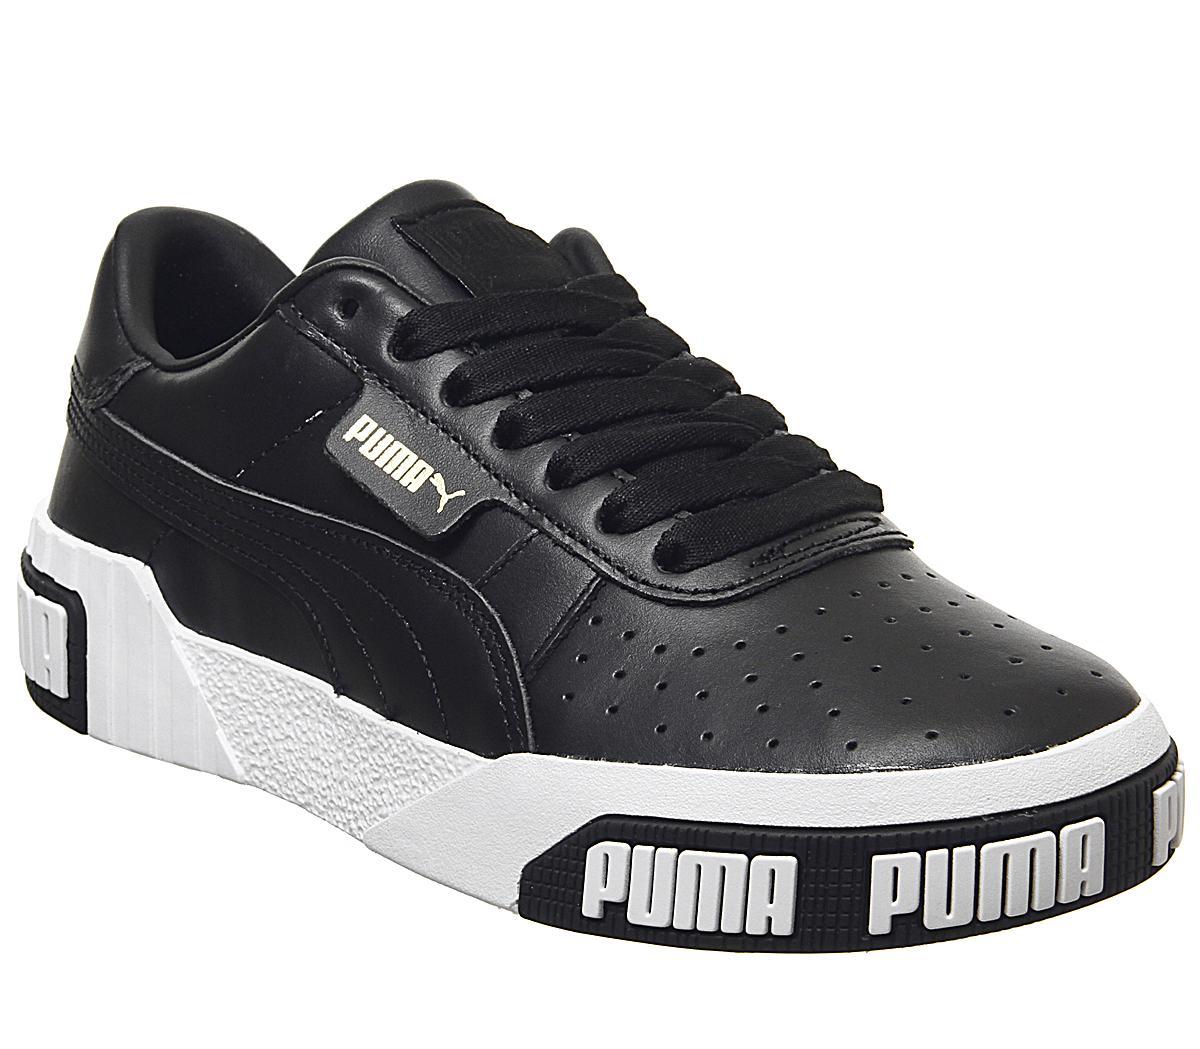 Puma Cali Bold Trainers Puma Black Metallic Gold Sneaker damen